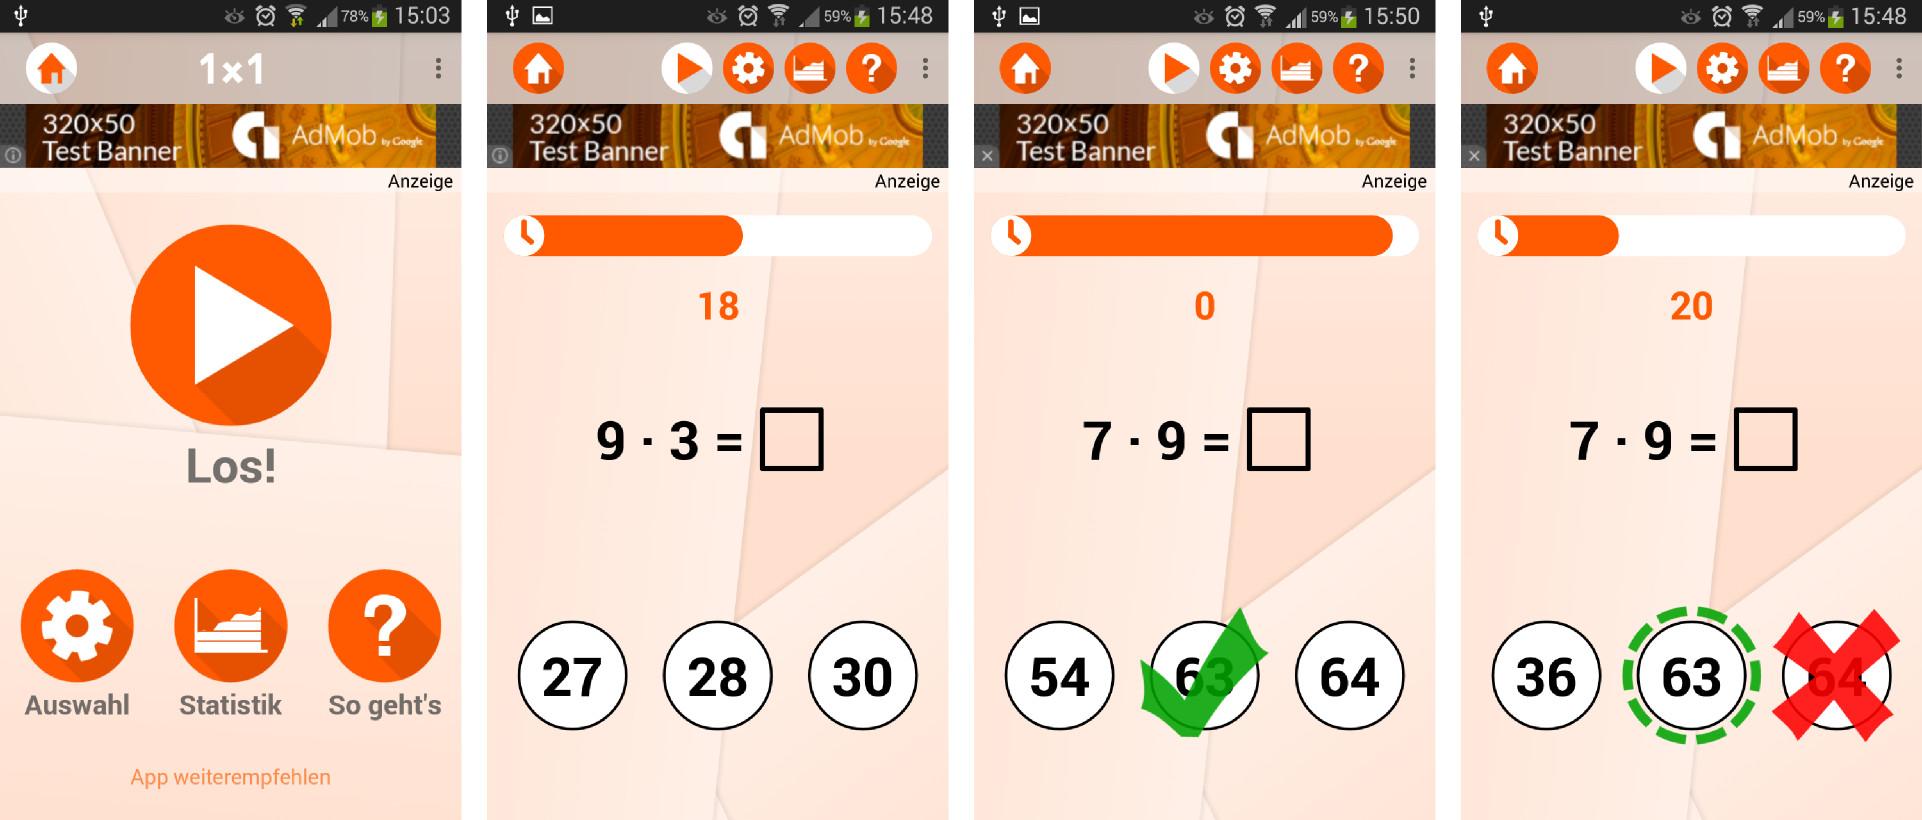 Screenshots 1: Startbildschirm und Rechenaufgaben